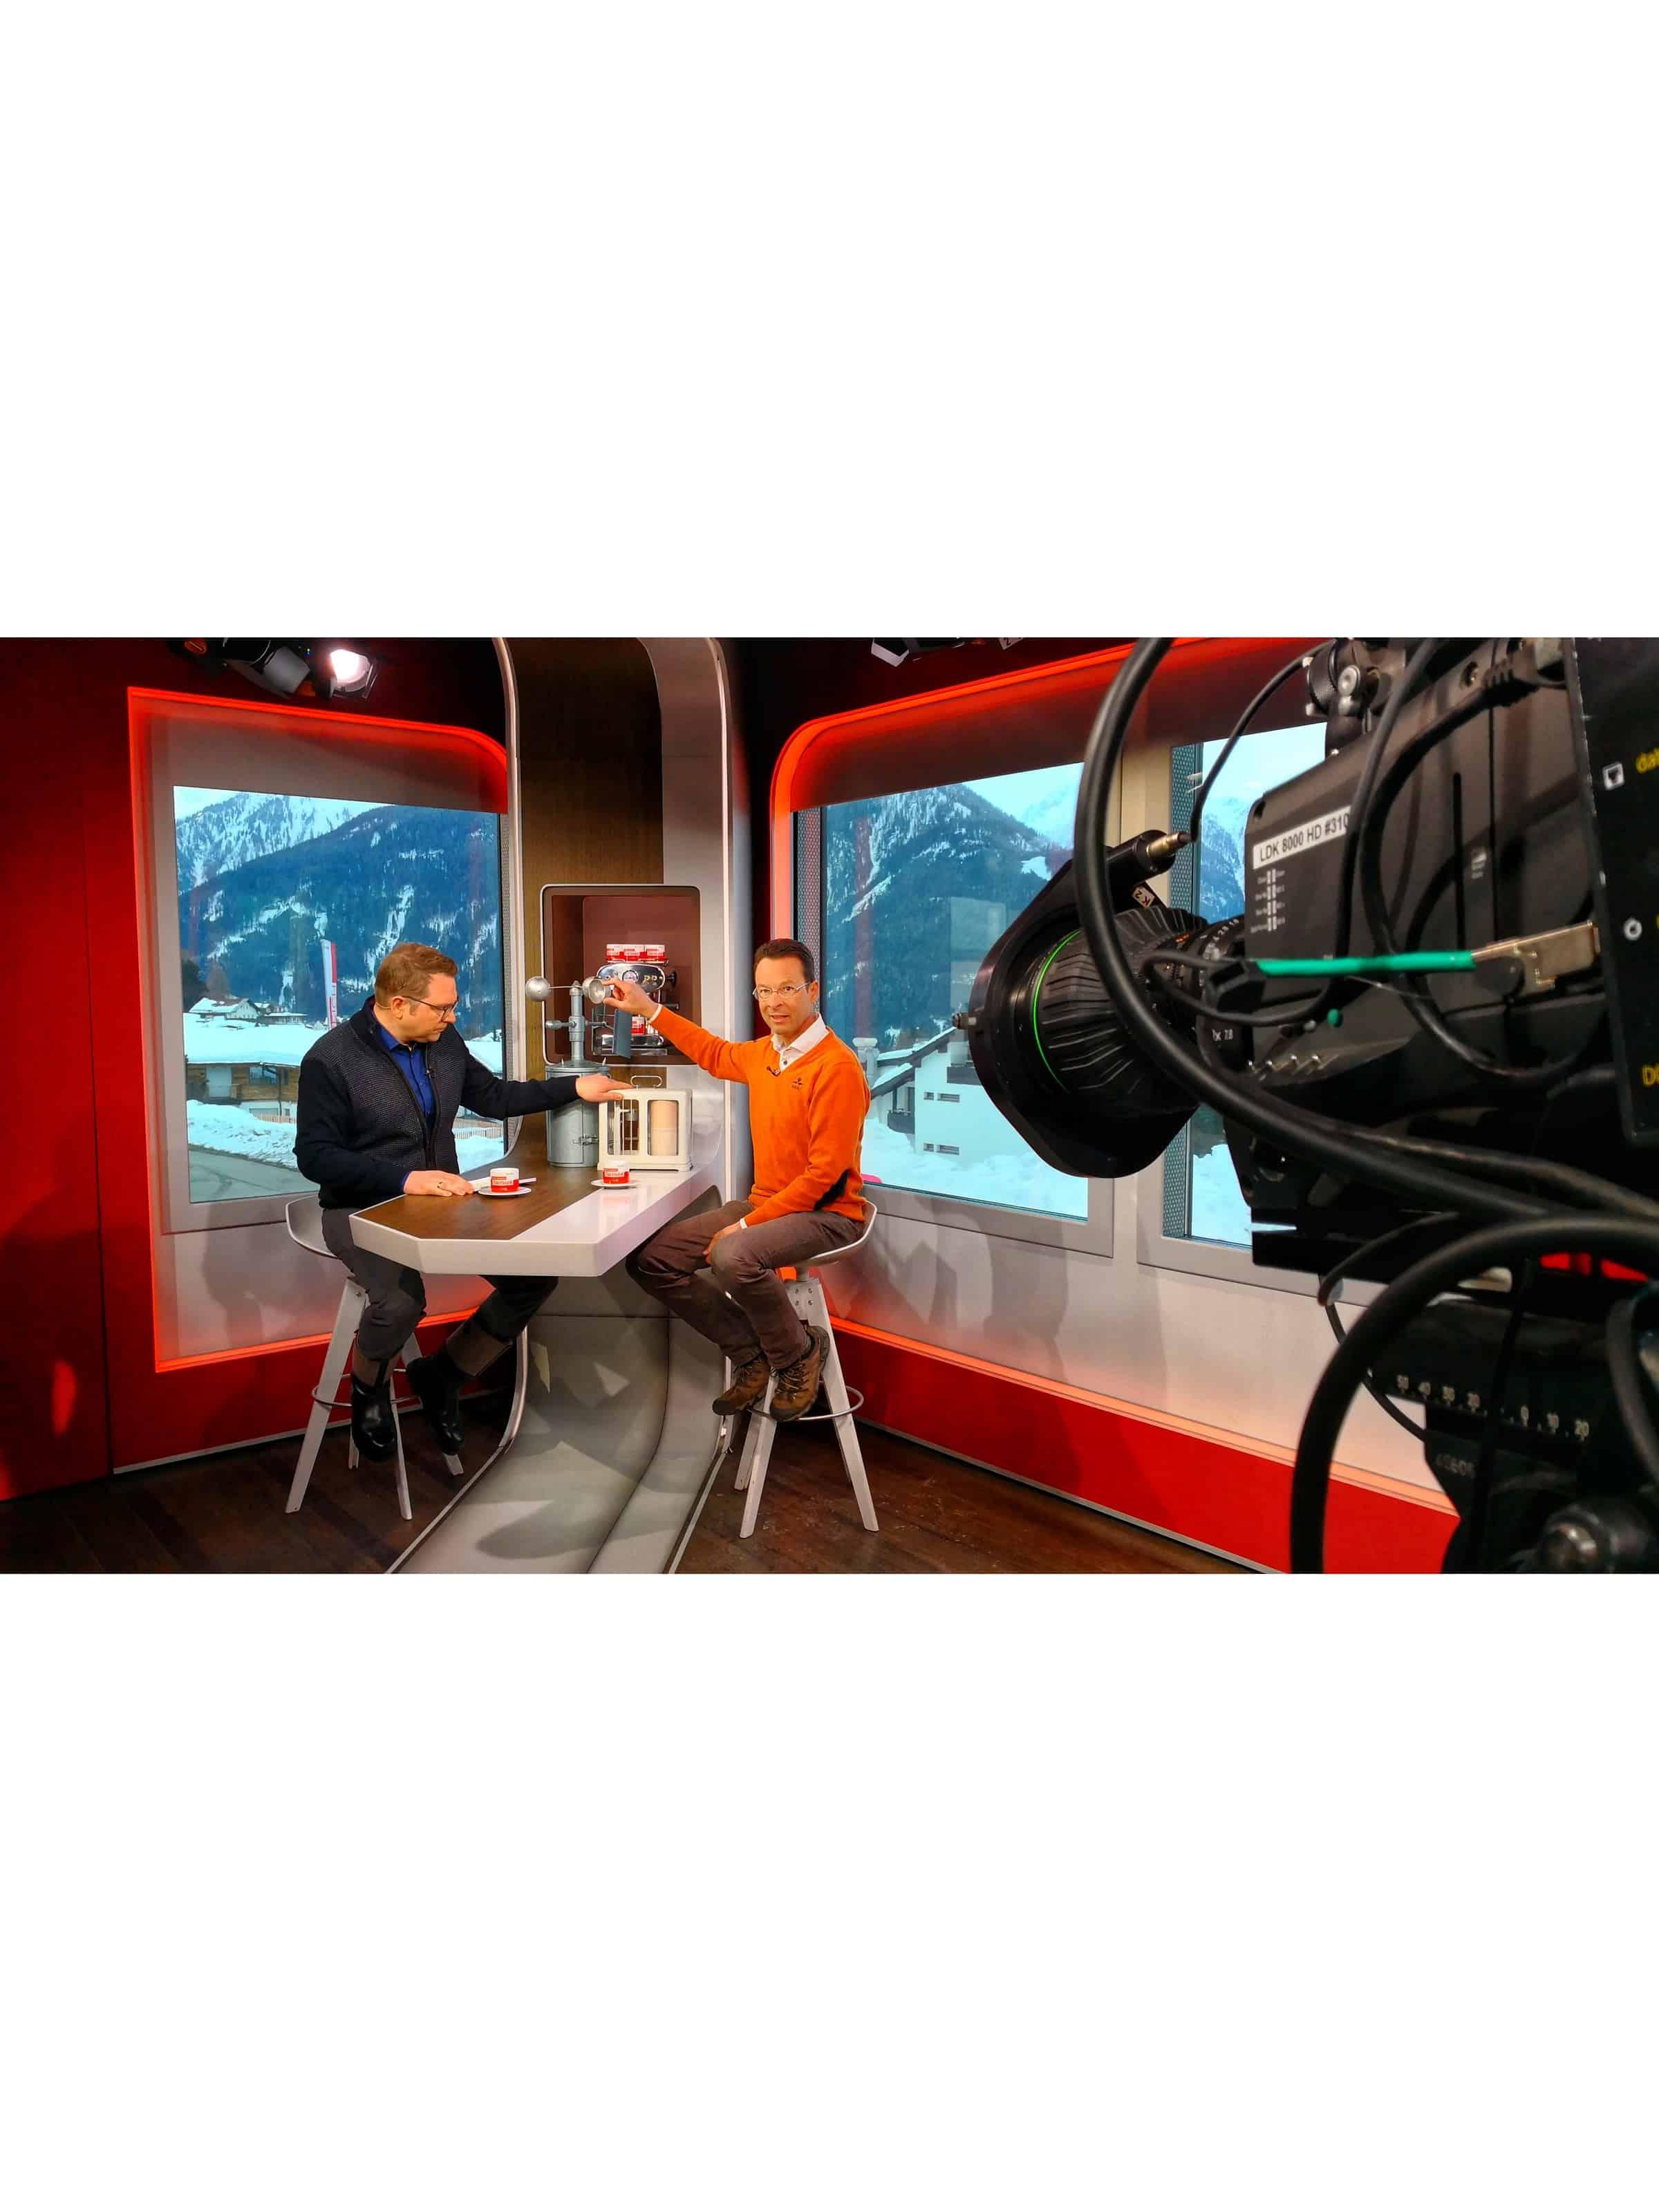 andreas felder kameramann ORF Guten Morgen Österreich ORF Daheim in Österreich 09 23.03.2018 06 39 24 - ORF Unterwegs in Österreich